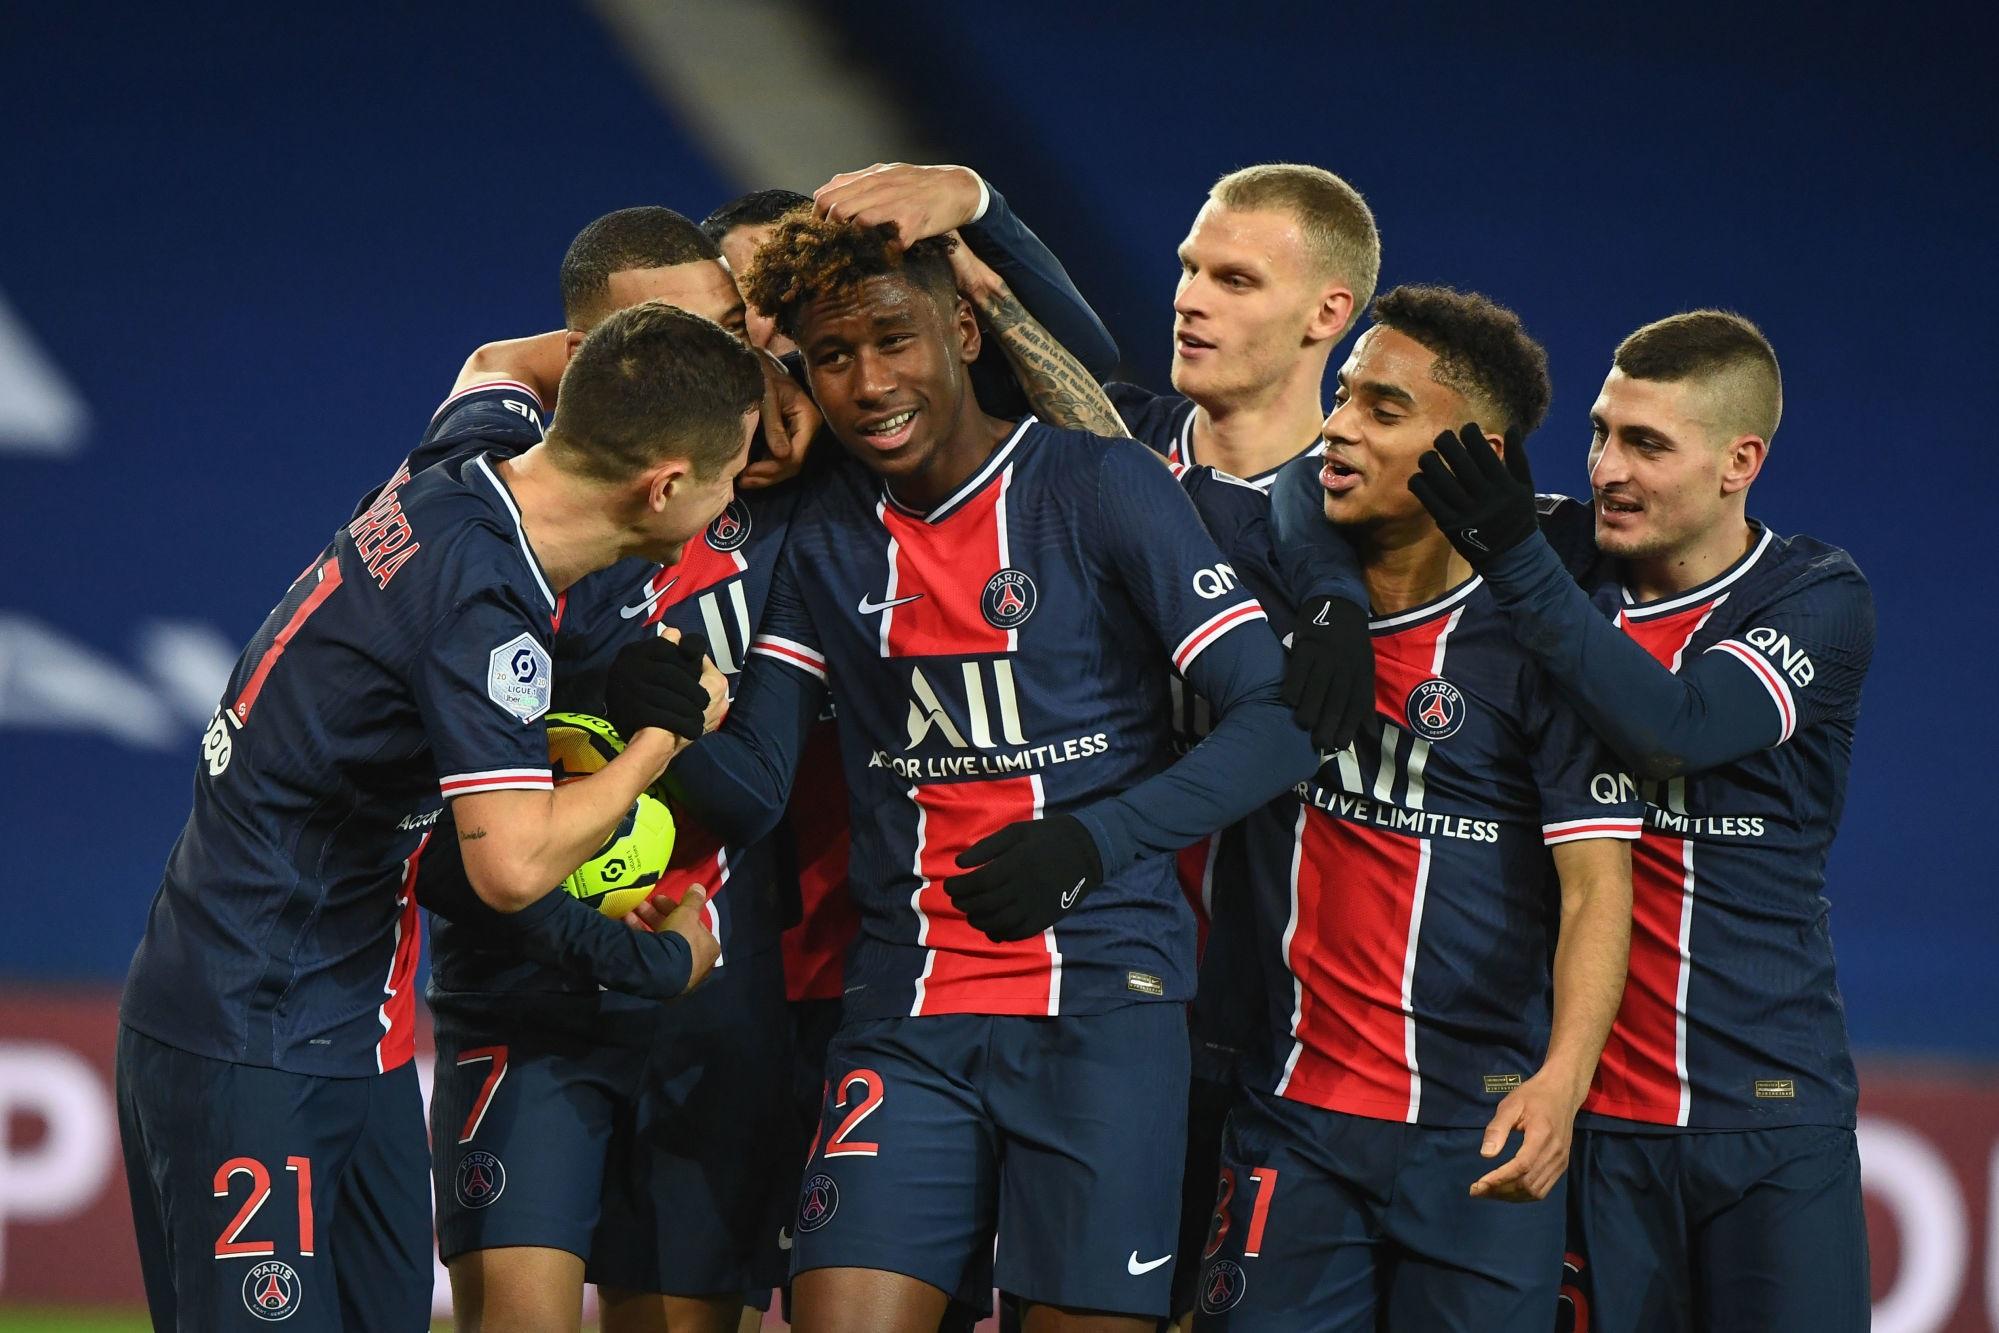 PSG/Strasbourg - Les notes des Parisiens après une belle victoire pour rester 3es